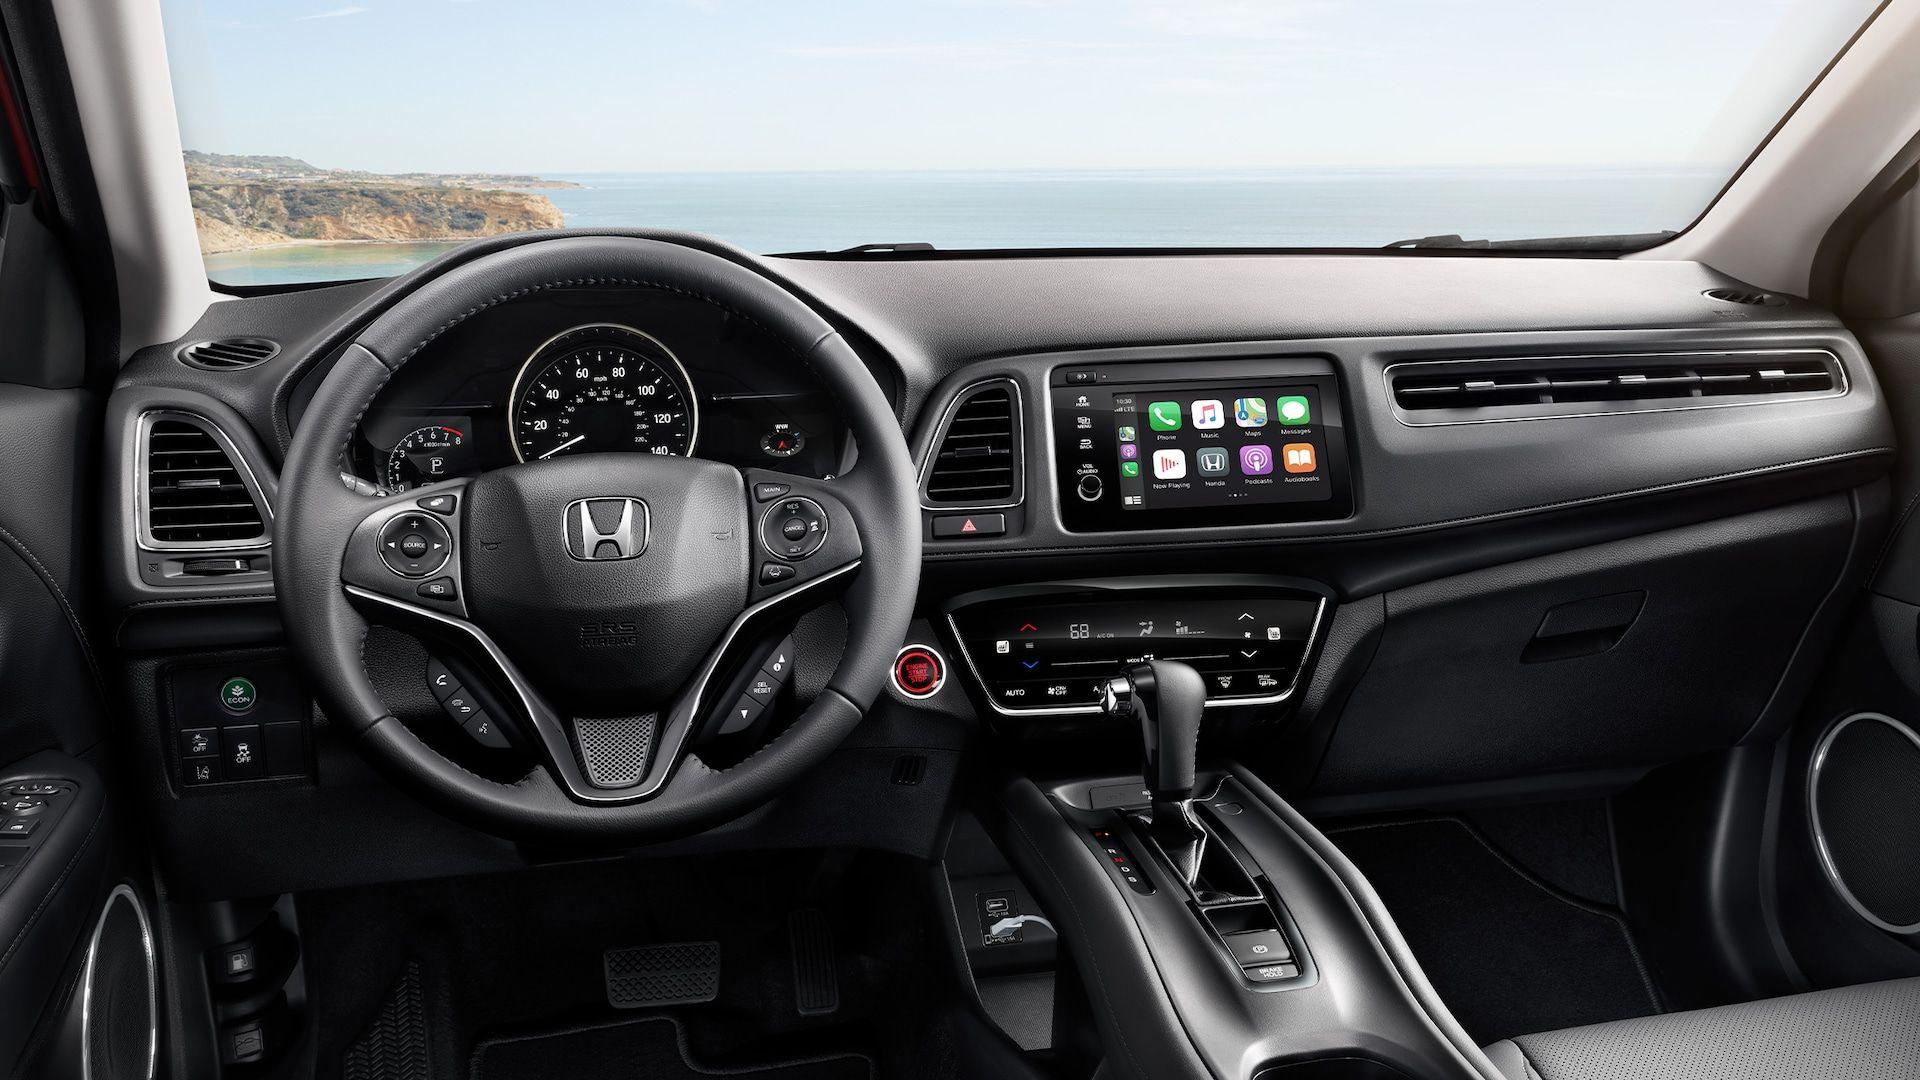 2020 Honda Hr V The Crossover Suv Honda Honda Hrv Crossover Suv Suv Honda